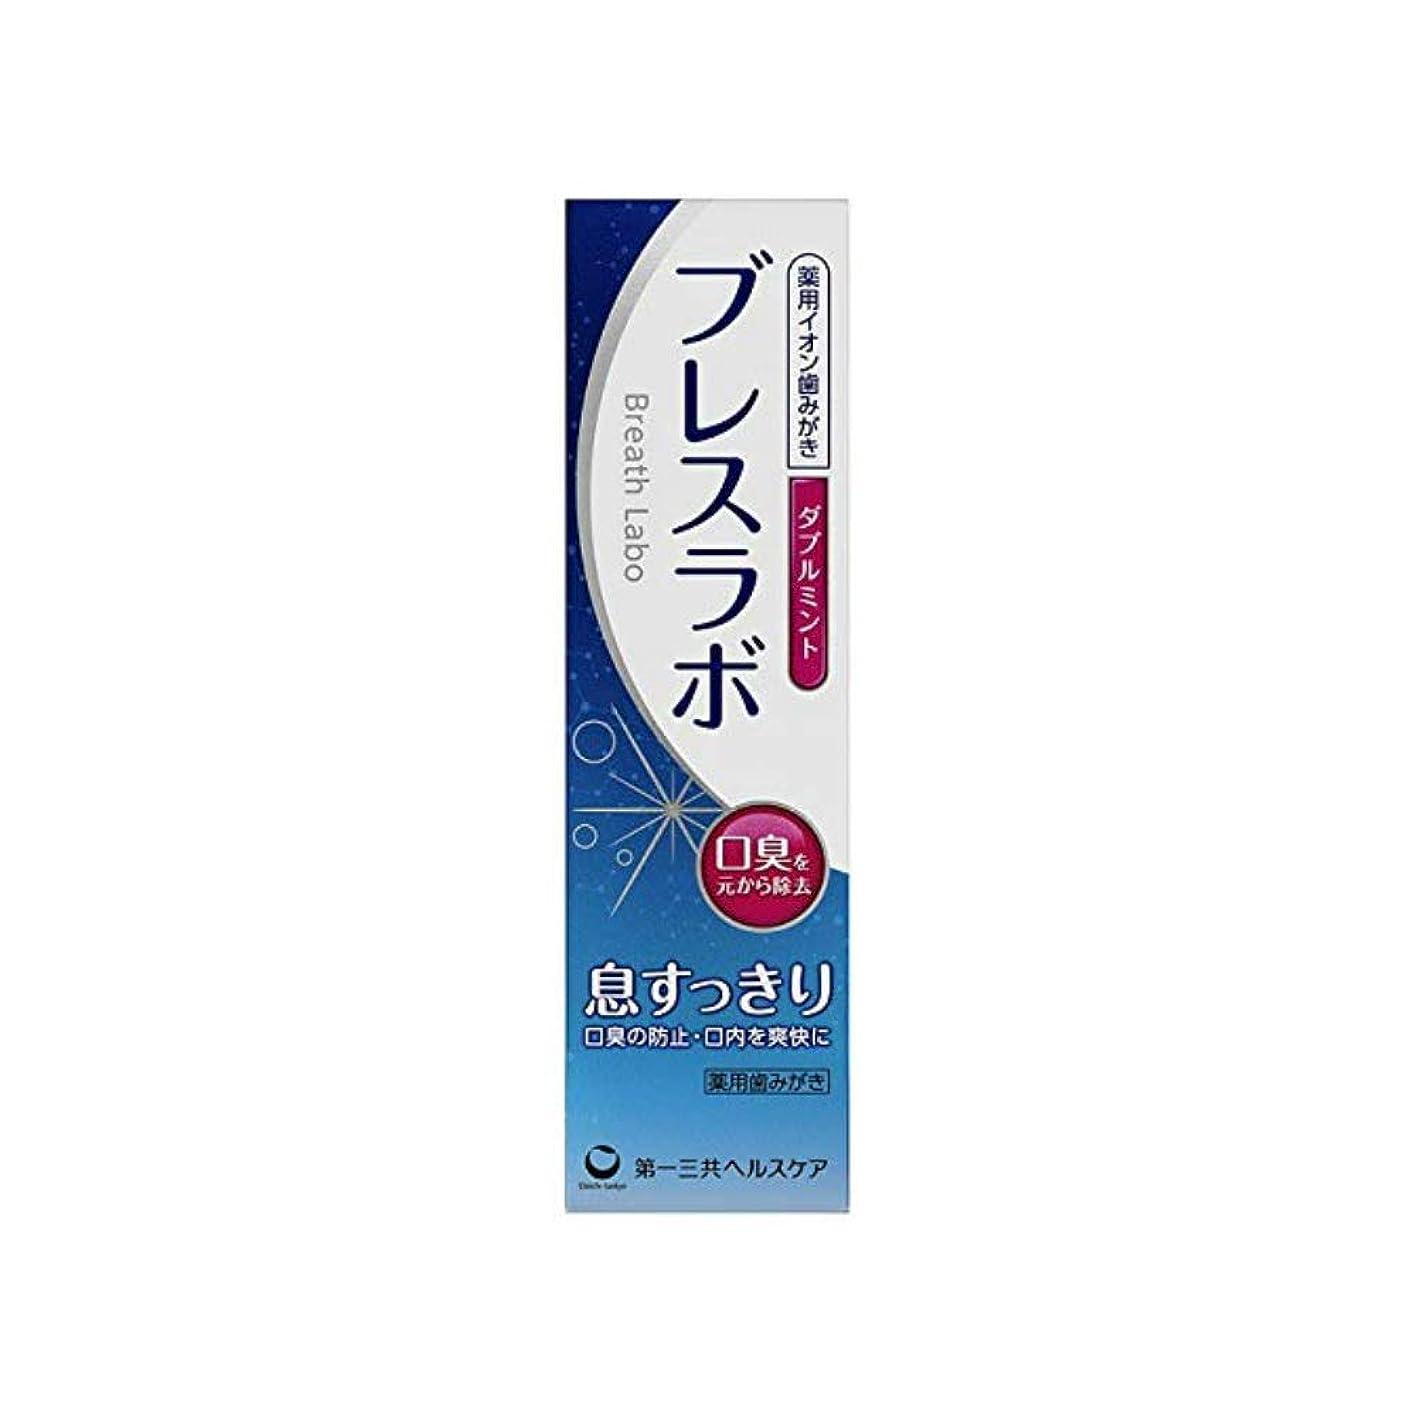 海欠伸サイト【3個セット】ブレスラボ ダブルミント 90g